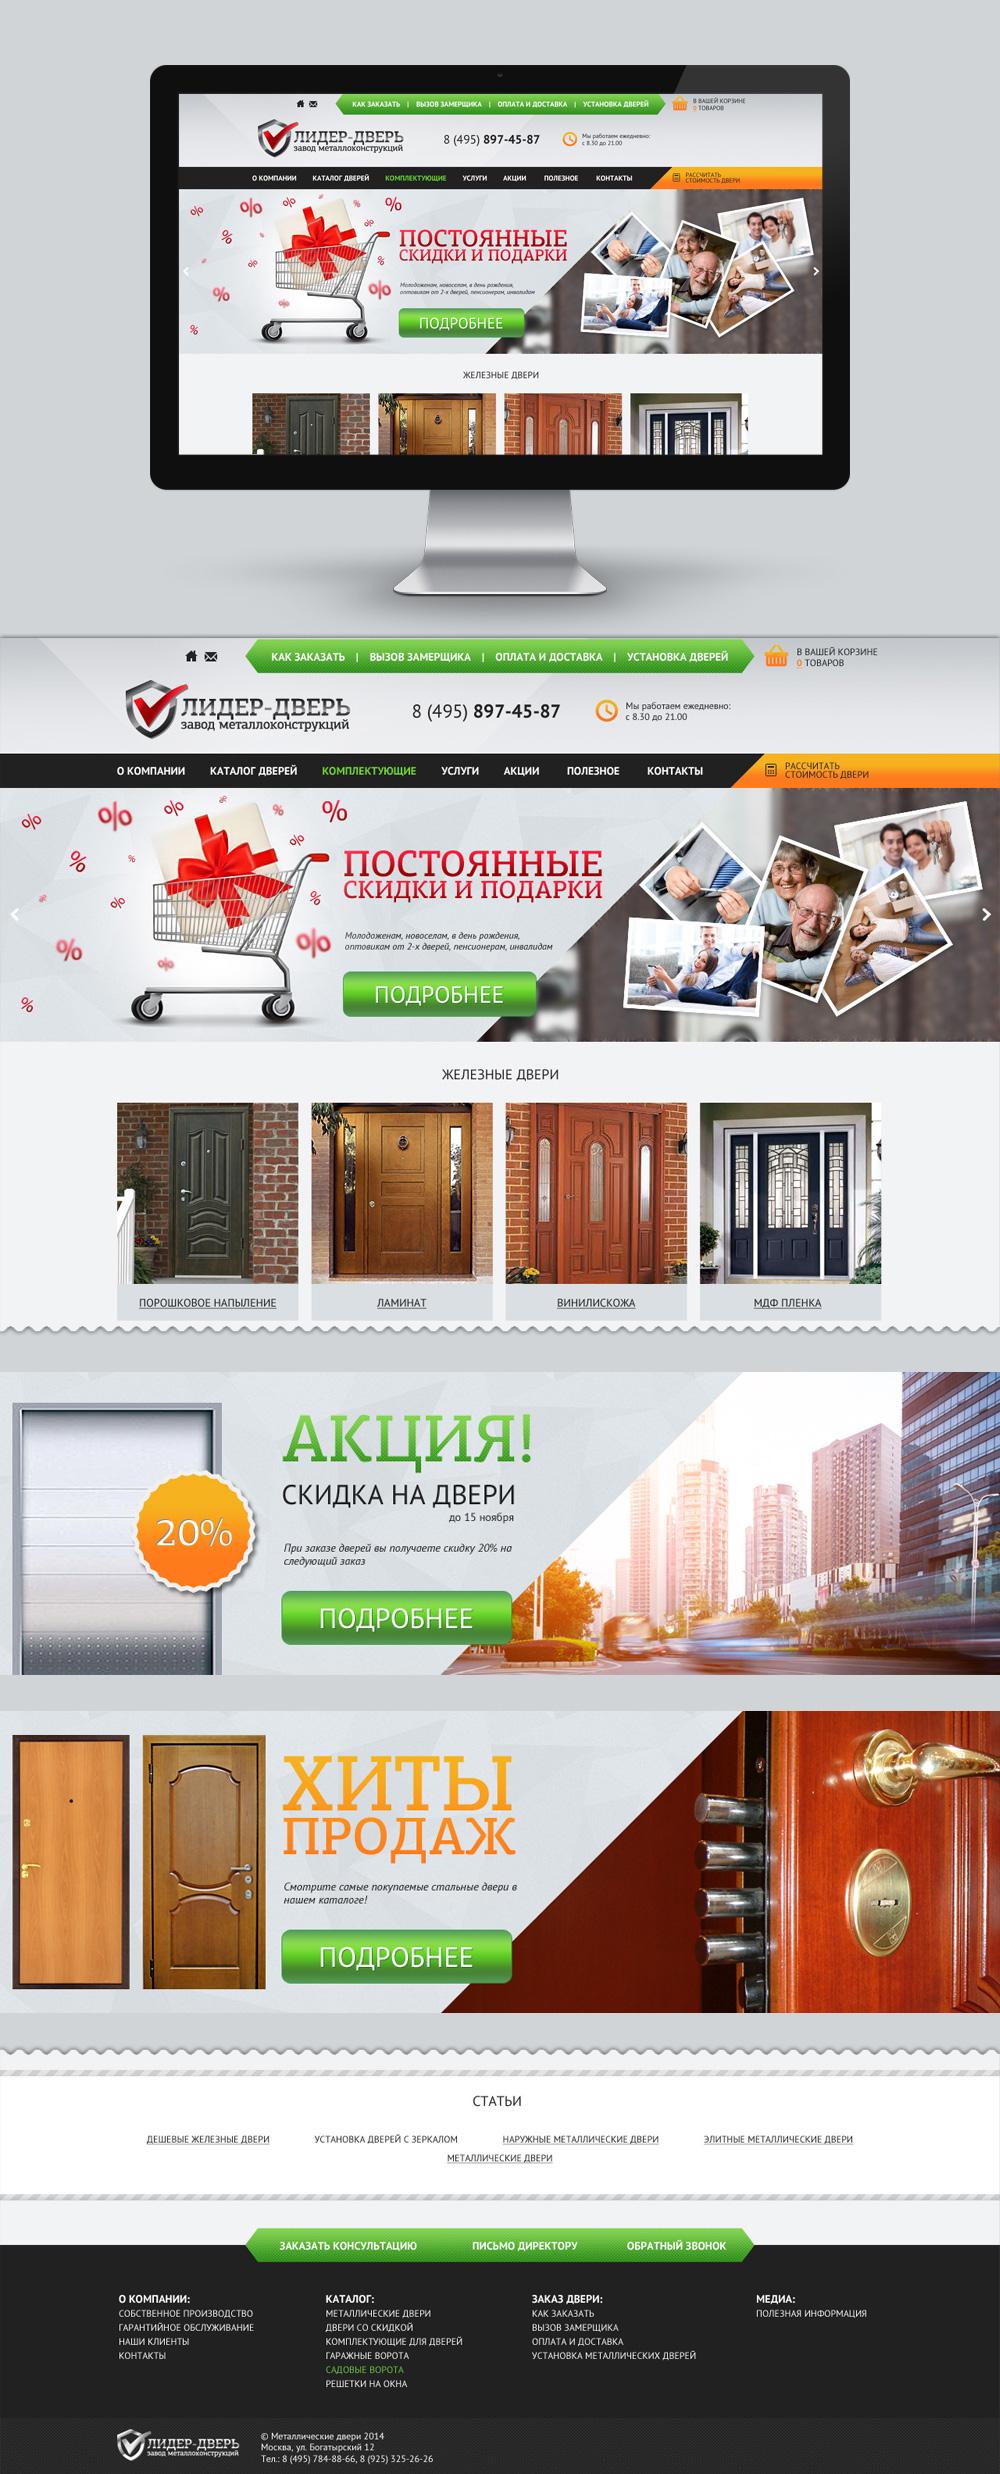 Интернет-магазин Лидер-дверь